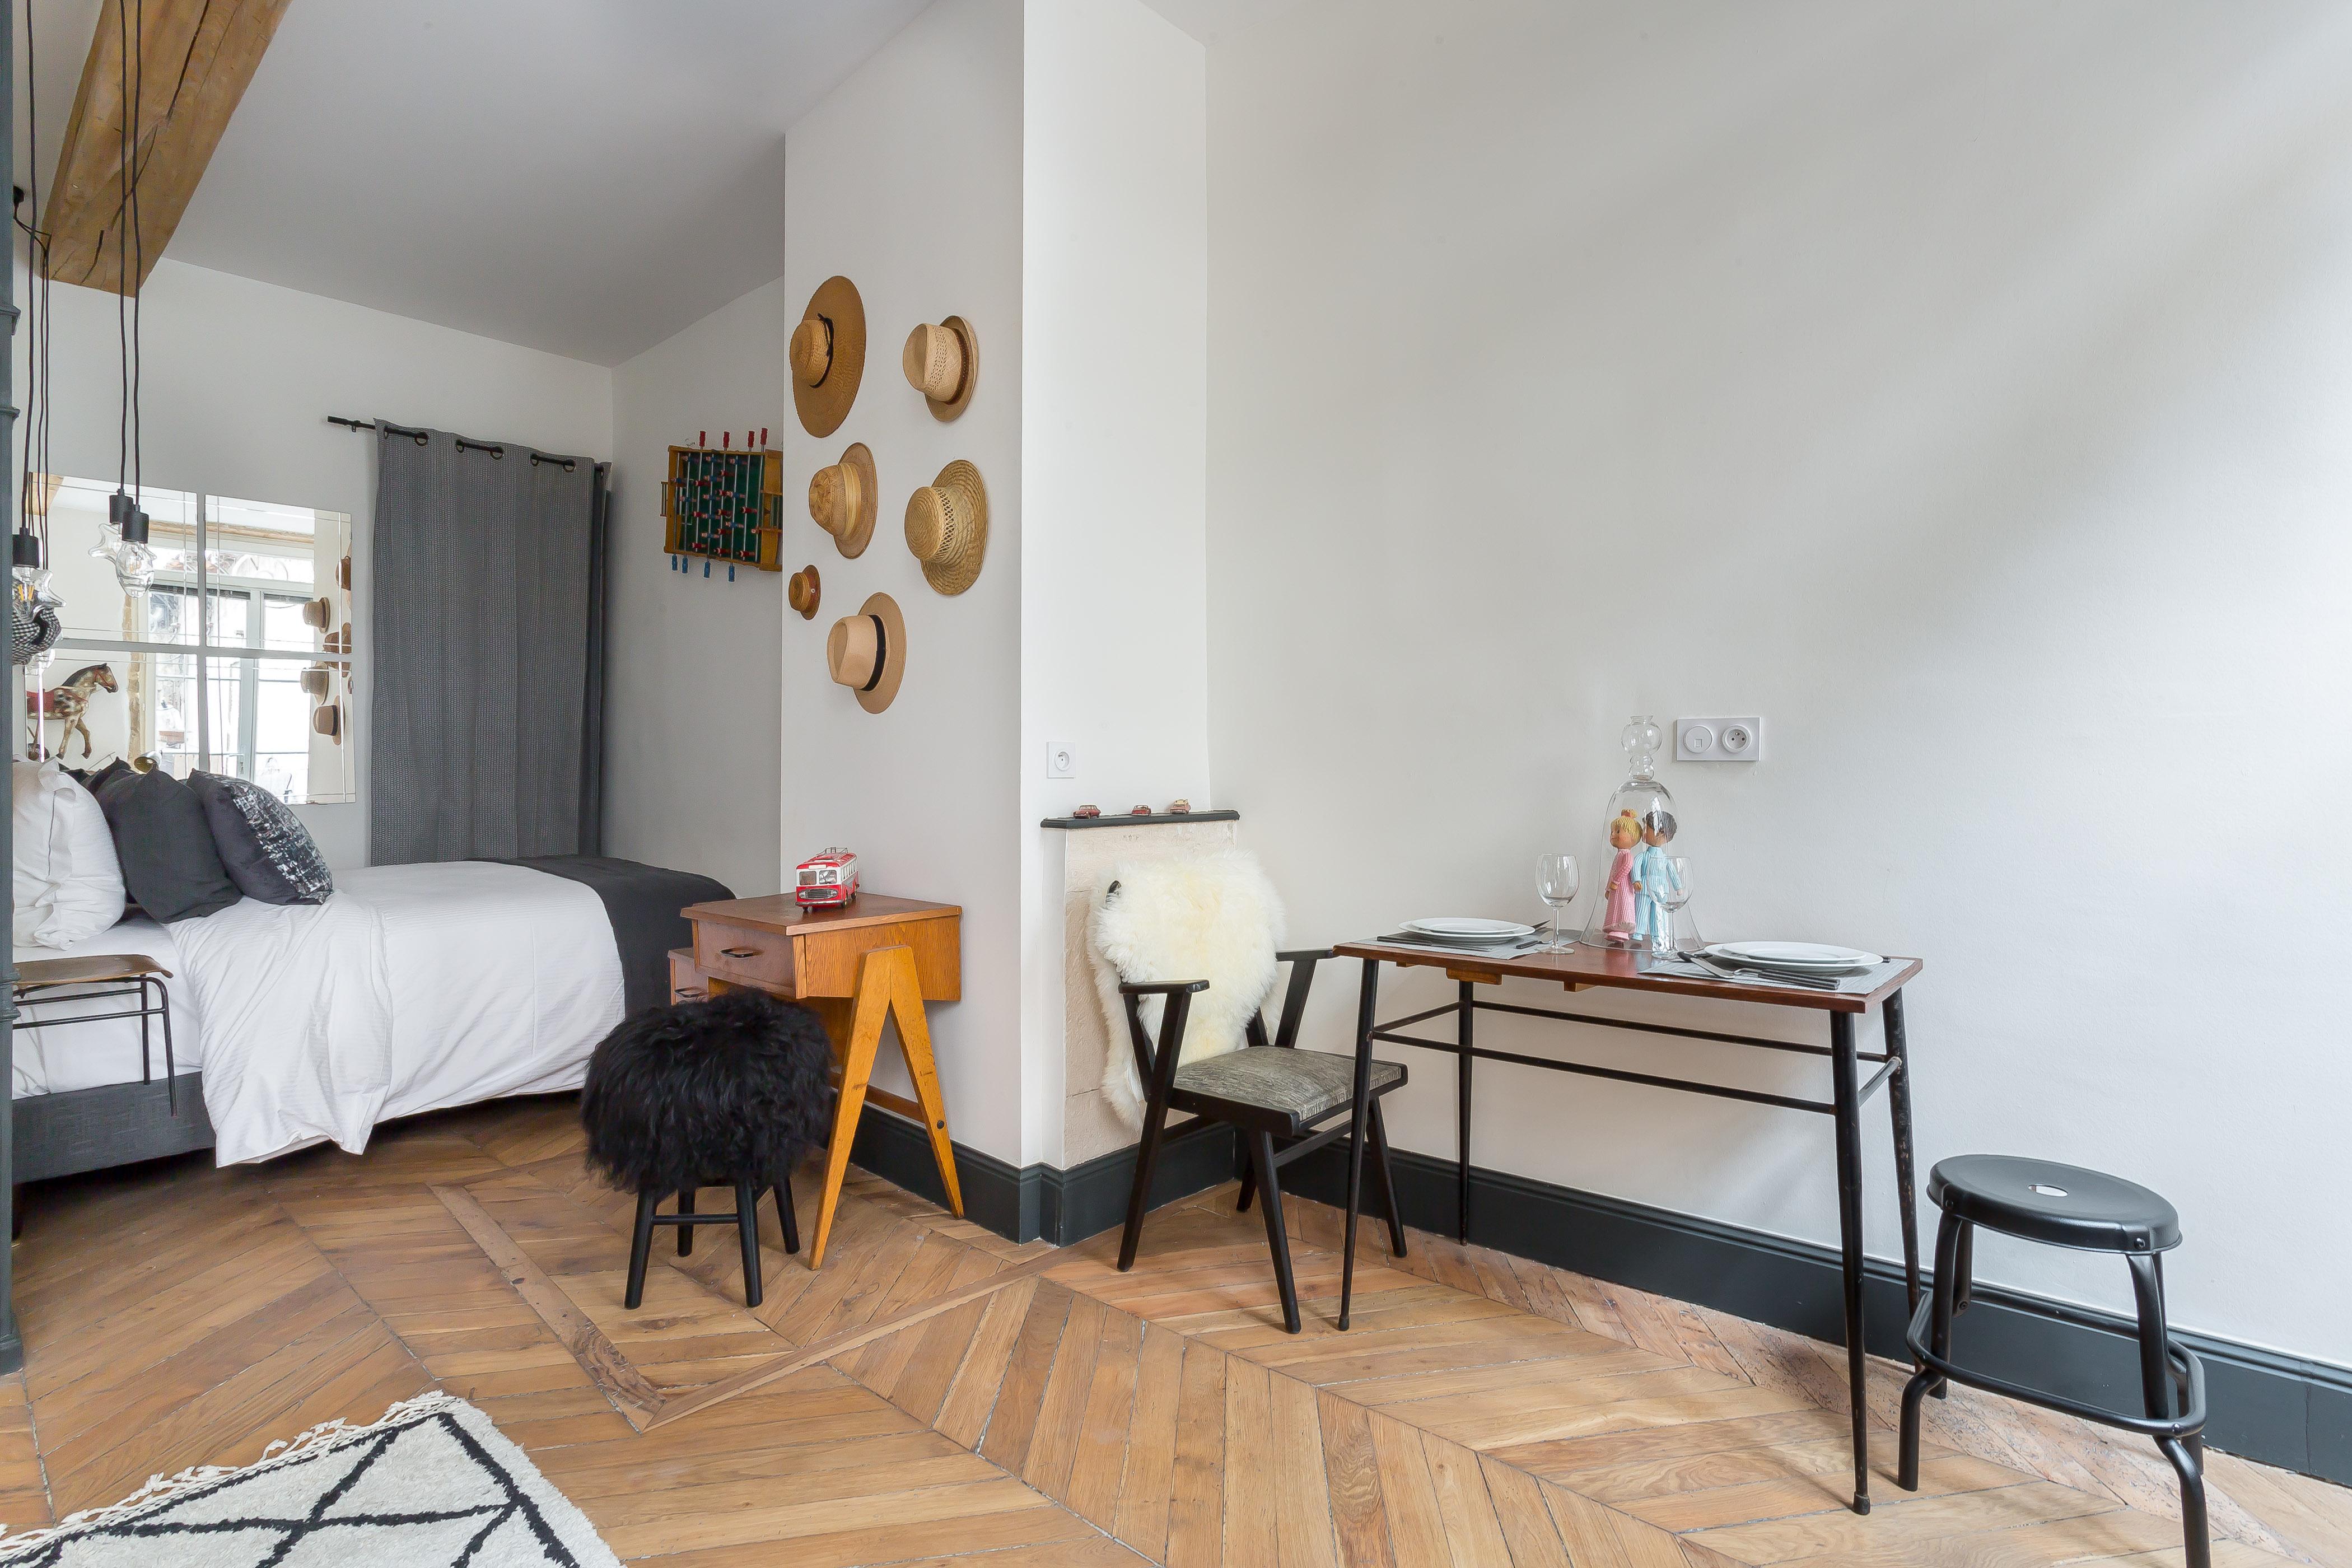 Ferienhaus Milan - Location Studio - Lyon 1 (2295921), Lyon, Ardèche-Drôme, Rhône-Alpen, Frankreich, Bild 6